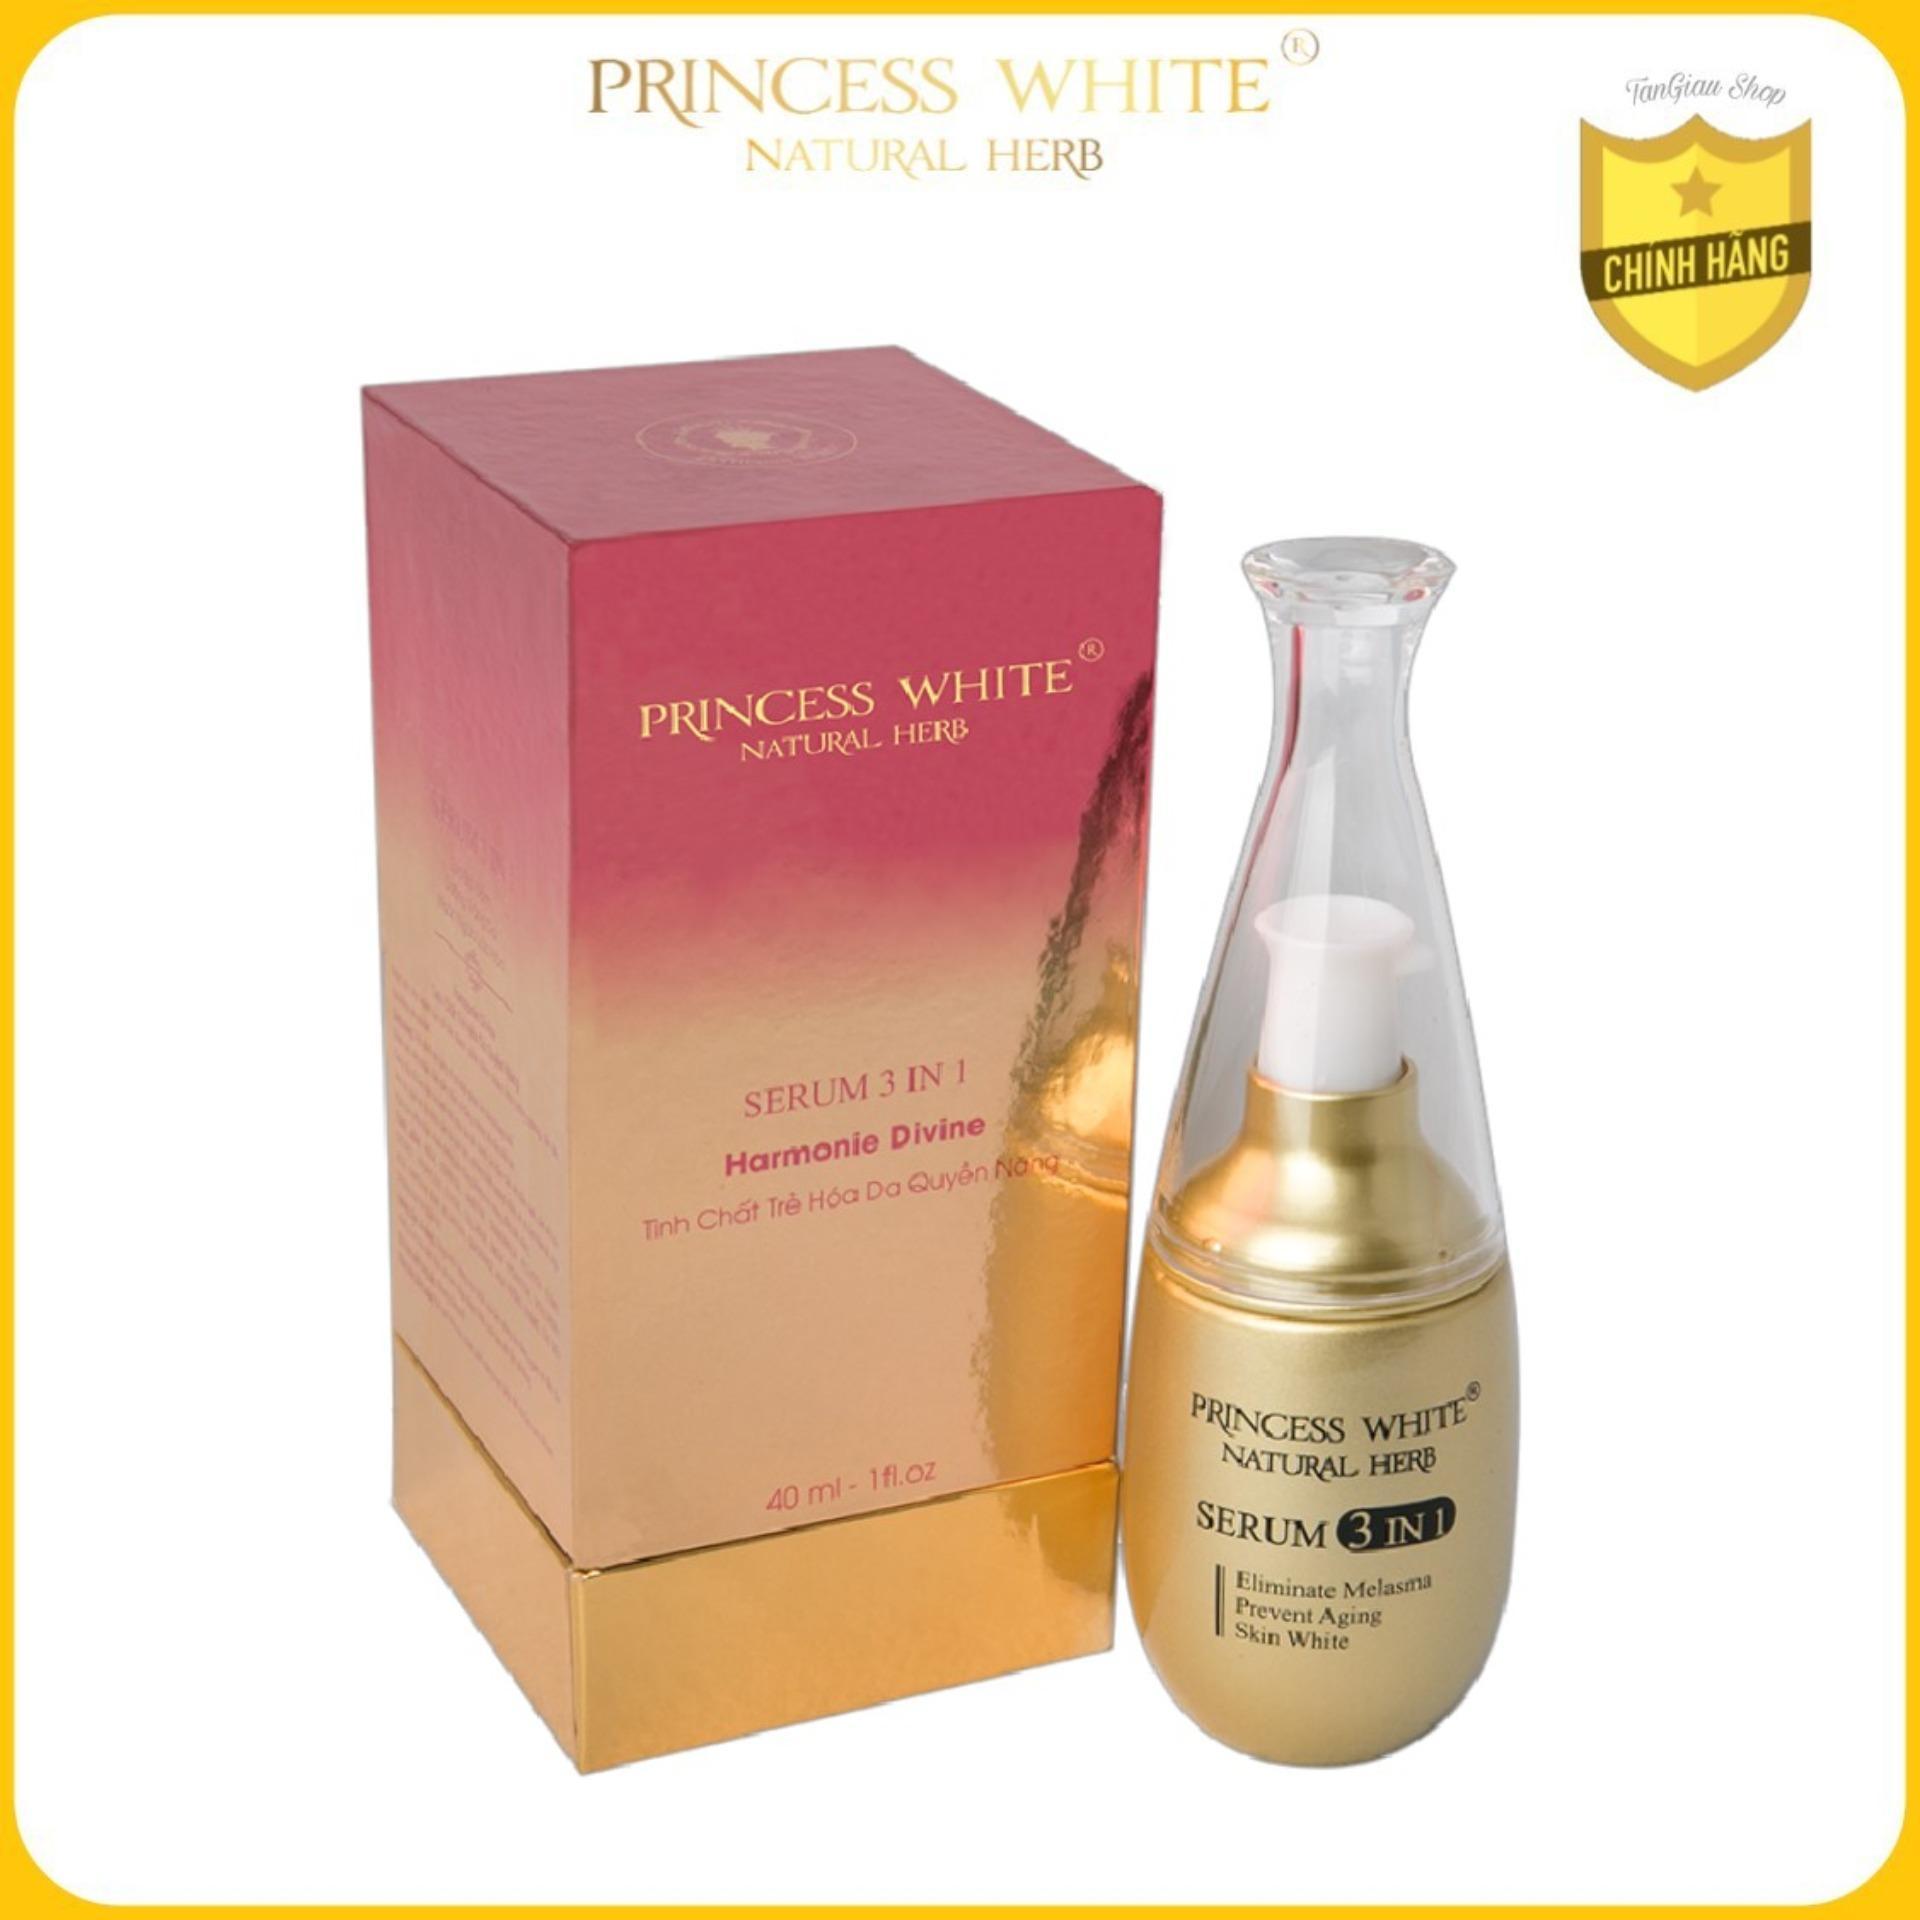 Dưỡng da chuyên sâu, tái tạo da đa chức năng SERUM 3IN1 Princess White - Bí mật trẻ hóa làn da không tuổi/ 40ML nhập khẩu